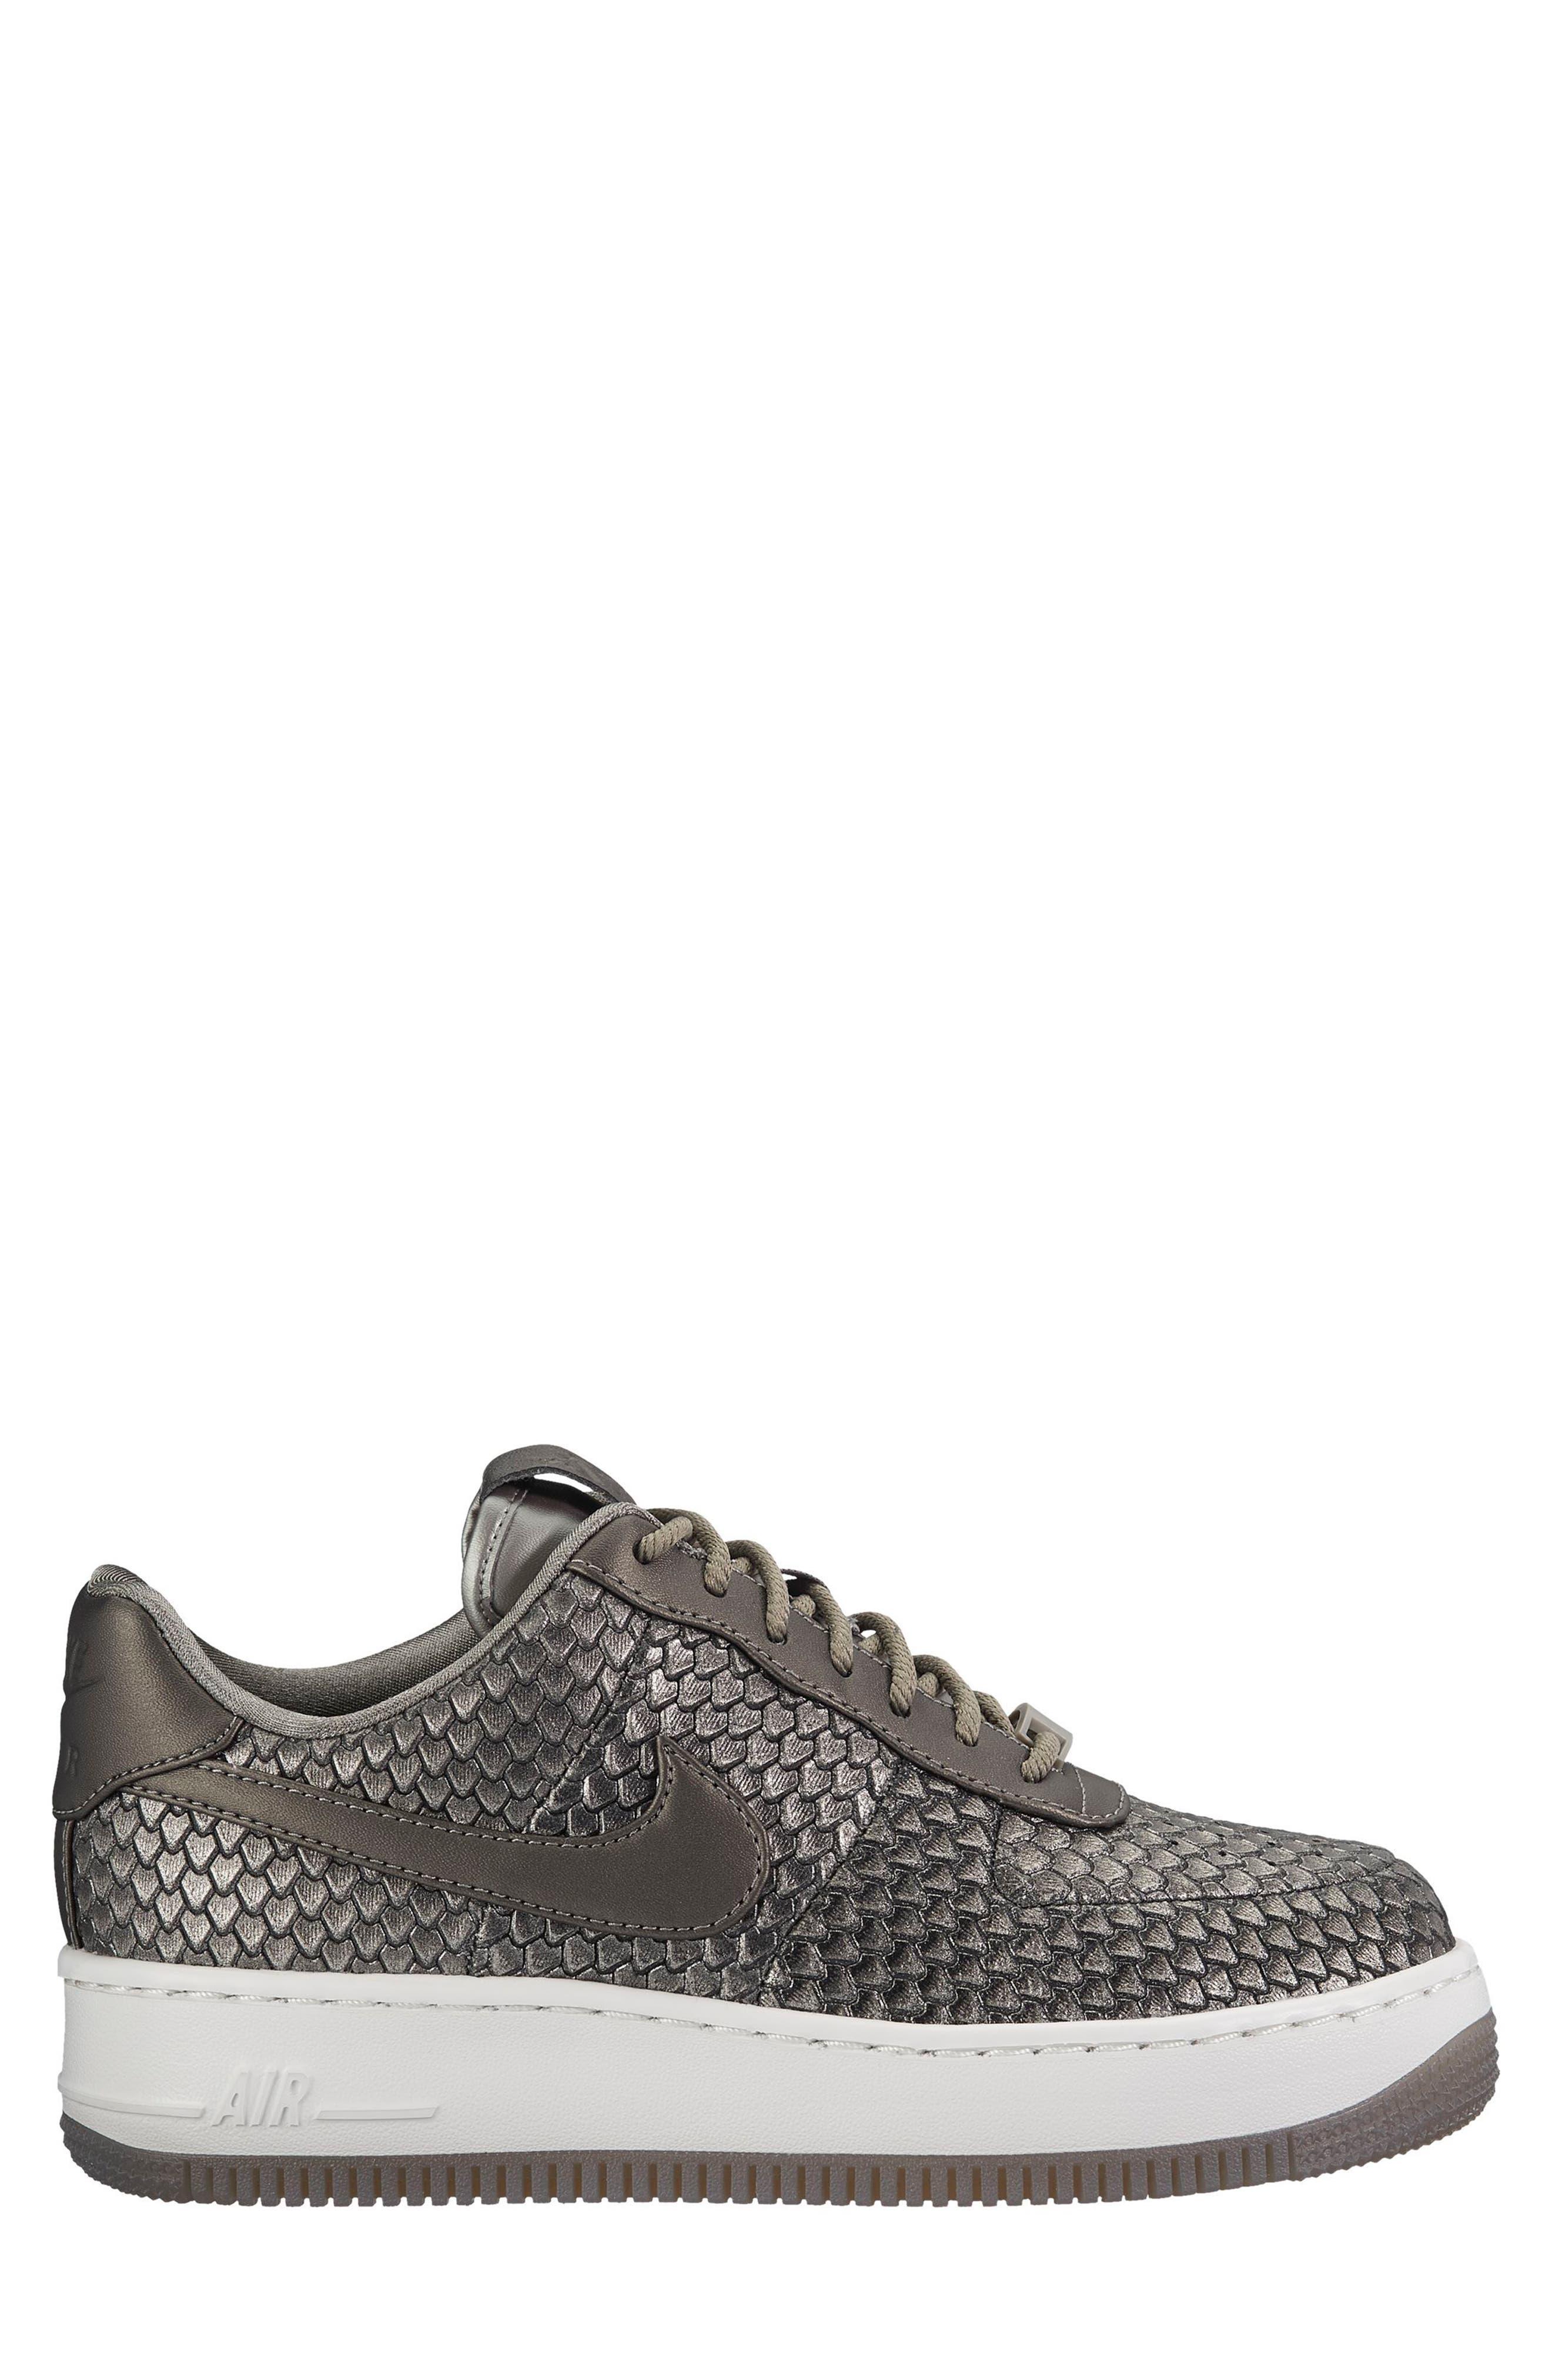 Air Force 1 Upstep Premium Platform Sneaker,                             Alternate thumbnail 3, color,                             022